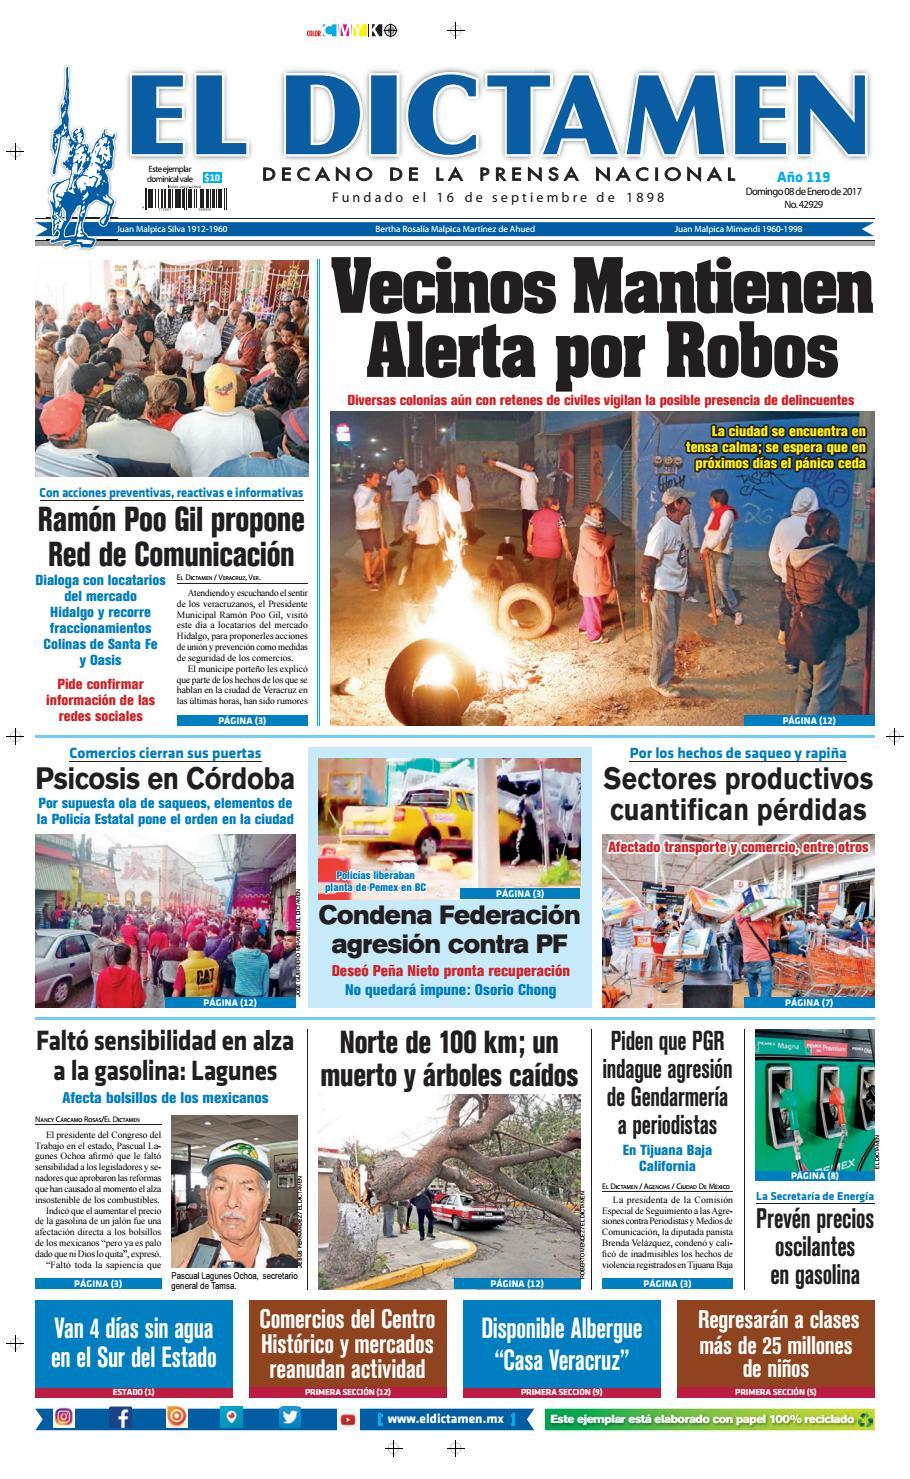 El Dictamen 08 de Enero 2017 by El Dictamen - issuu